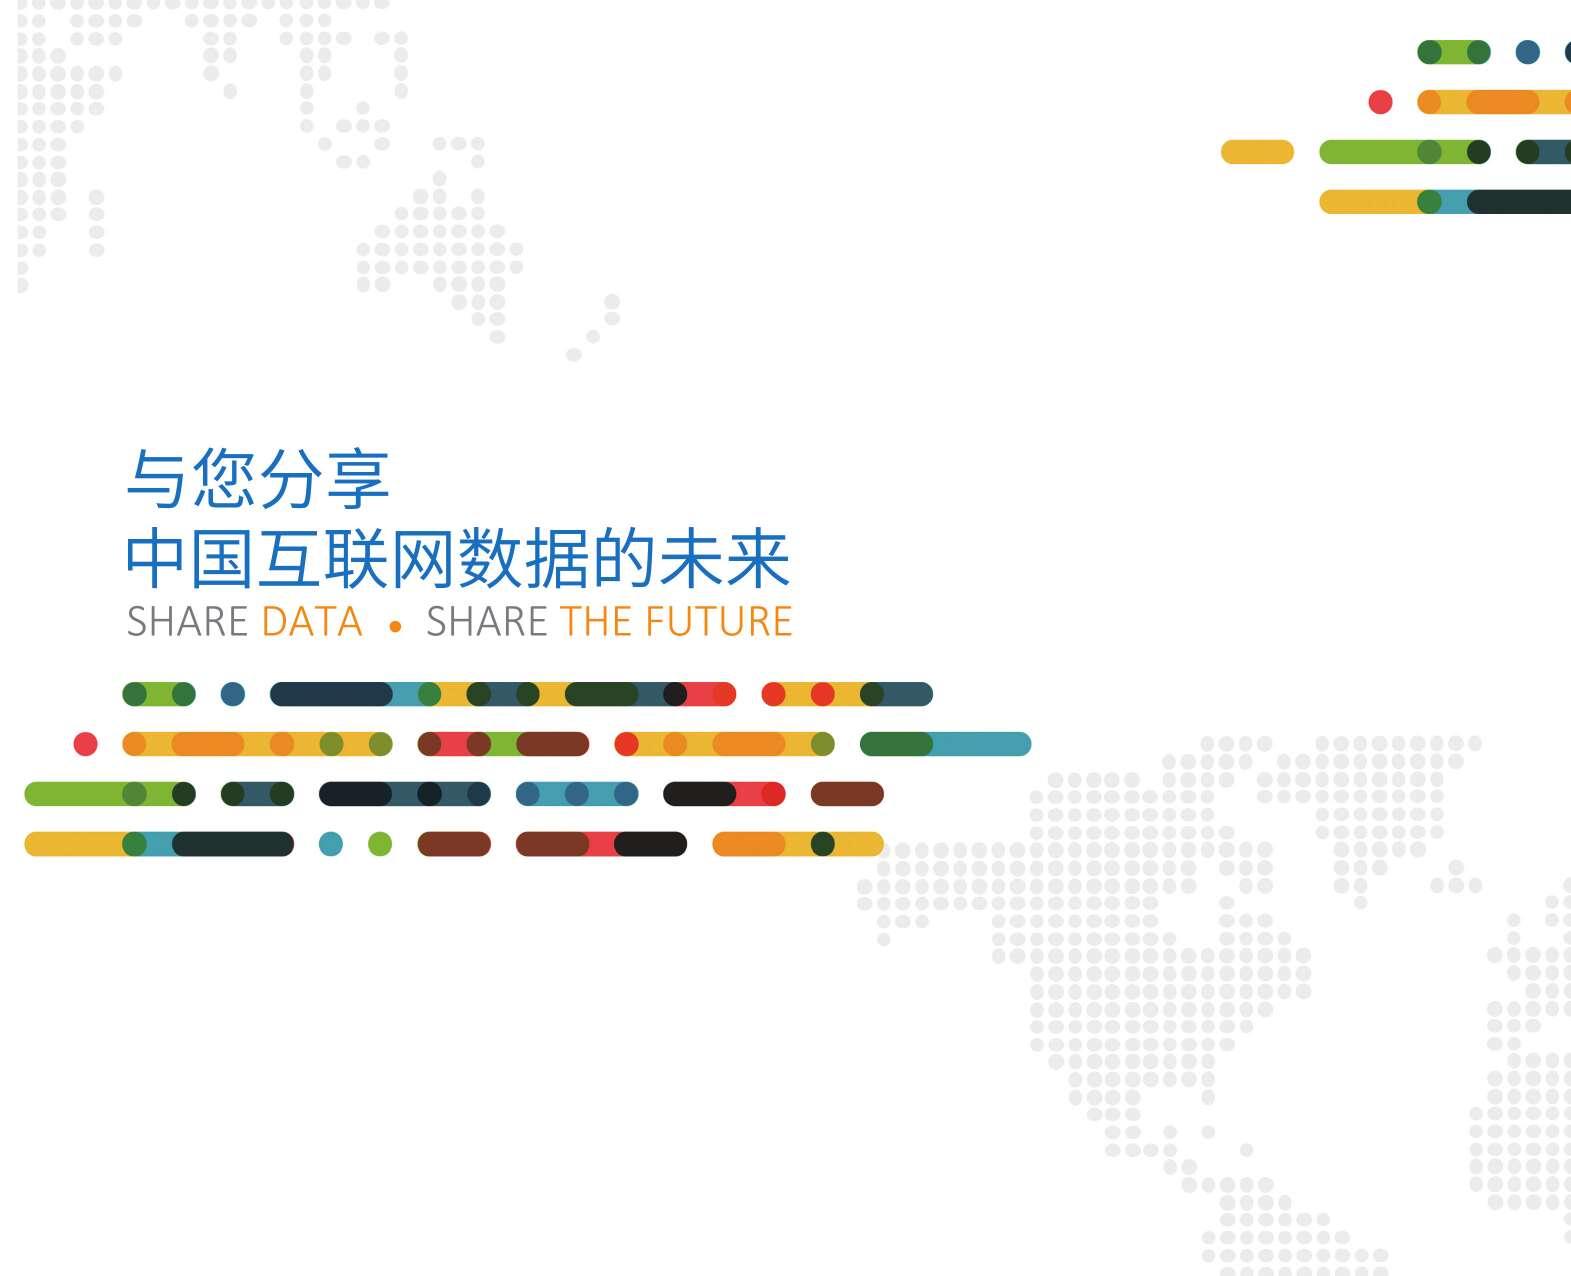 2015中国互联网发展报告_000003